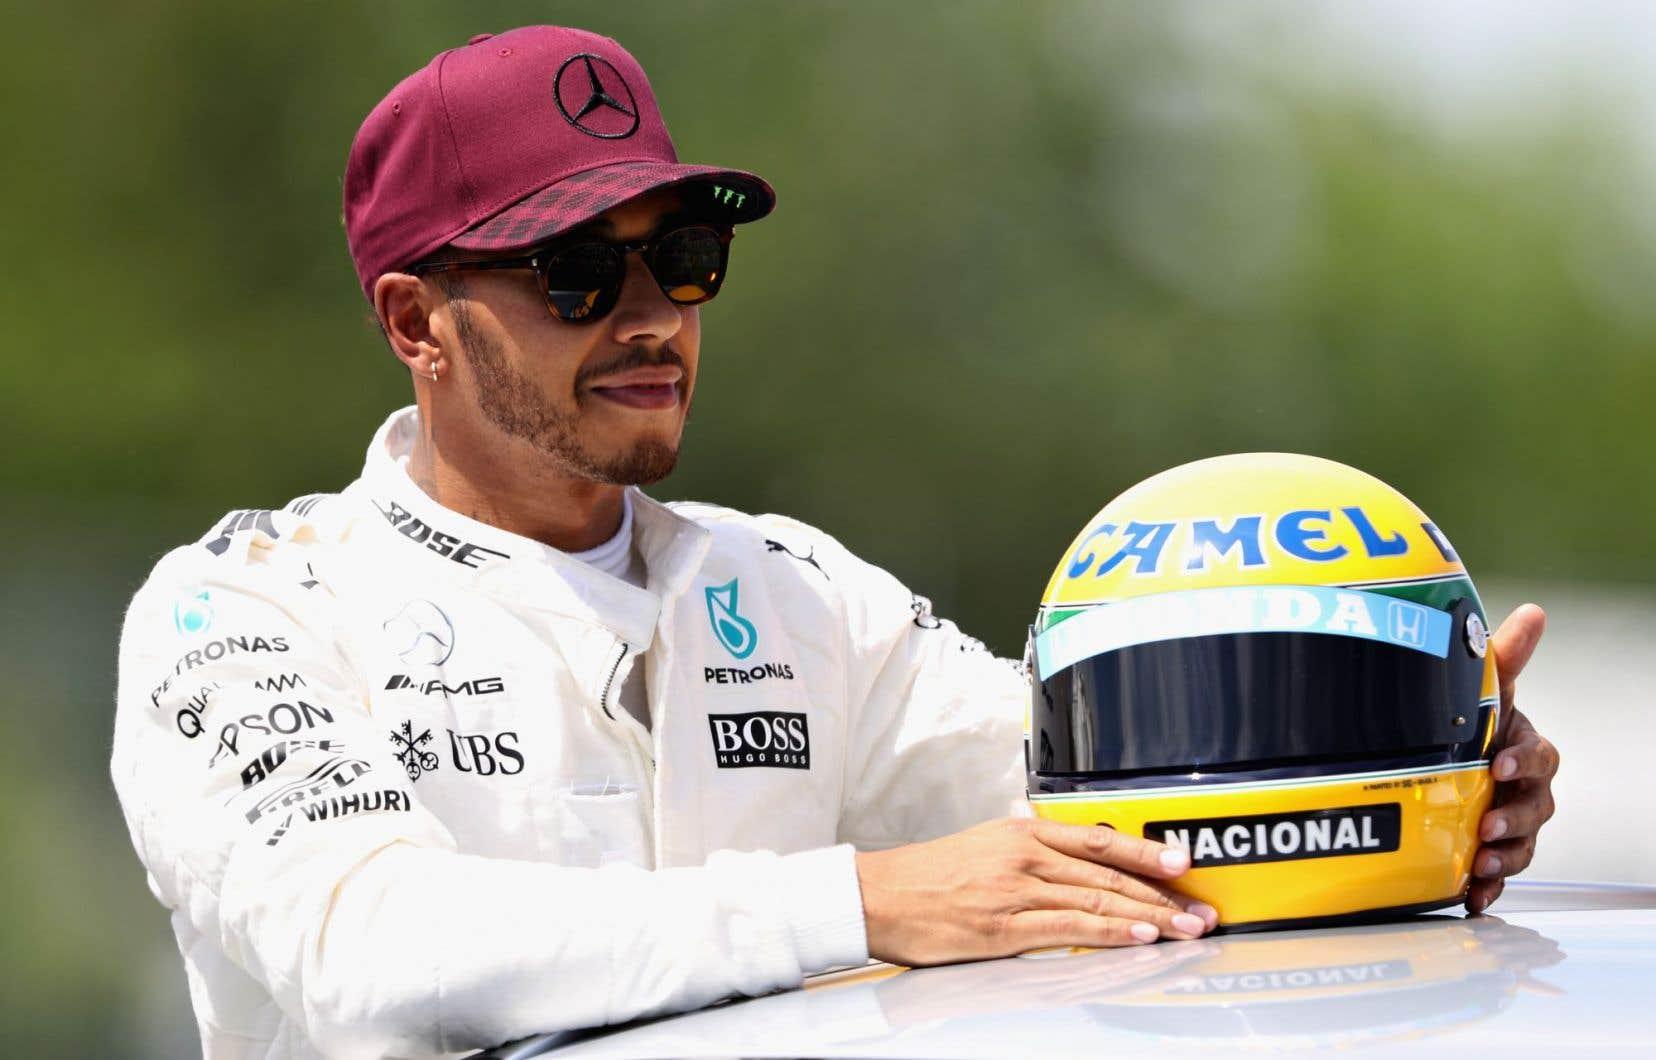 Toujours très à son aise sur la difficile piste de course de l'île Notre-Dame, Lewis Hamilton sera en quête d'une 6evictoire à Montréal.